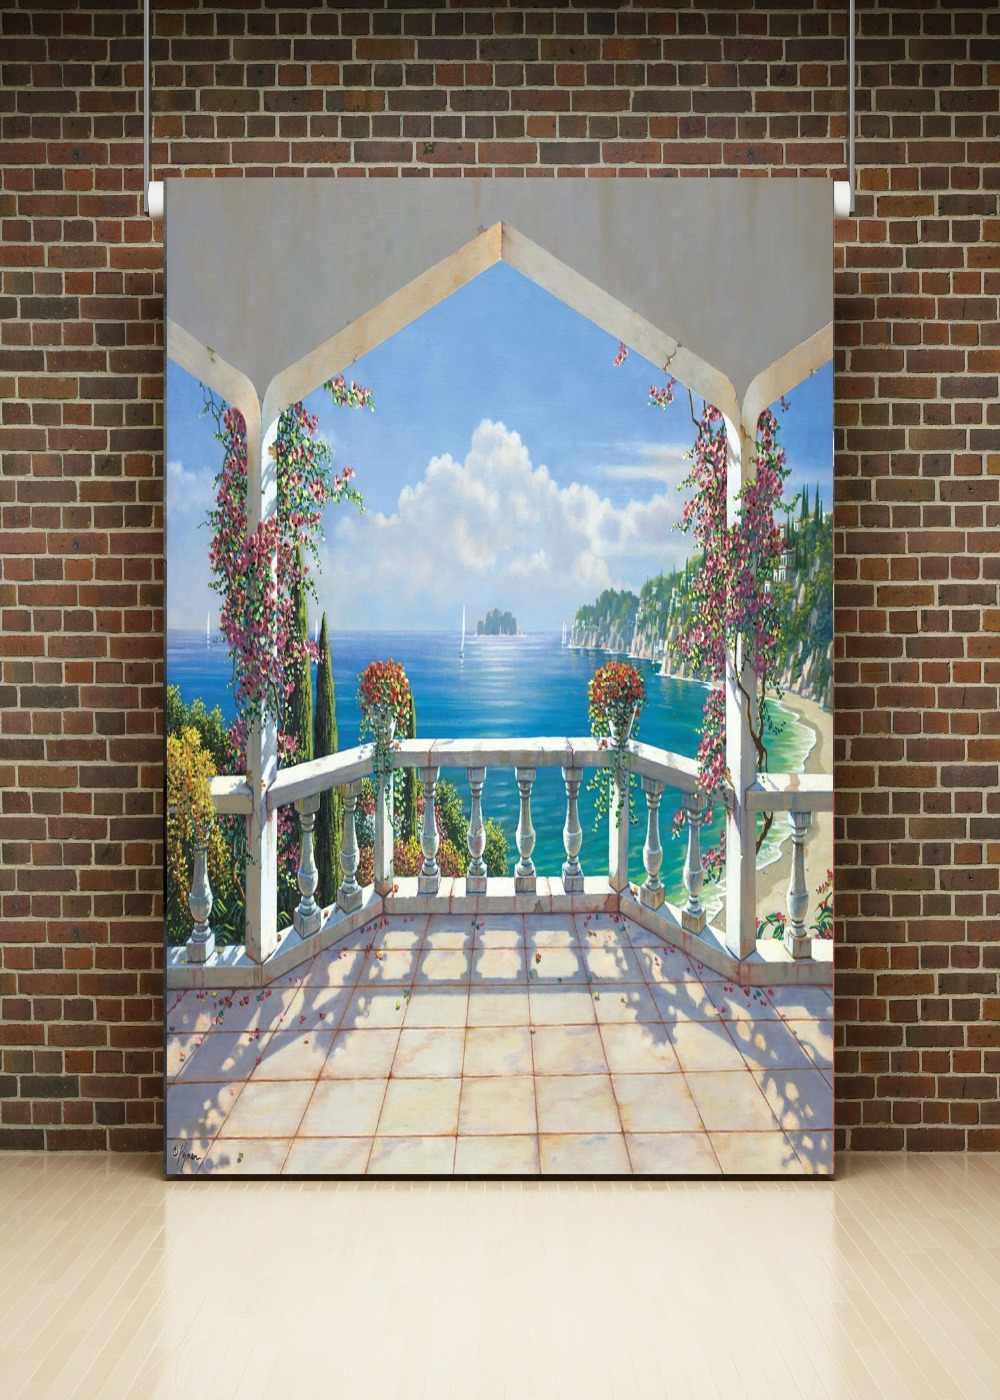 DePhoto 海辺宮殿パビリオンガーデン風景写真写真スタジオの背景の結婚式のカスタム写真の背景の小道具